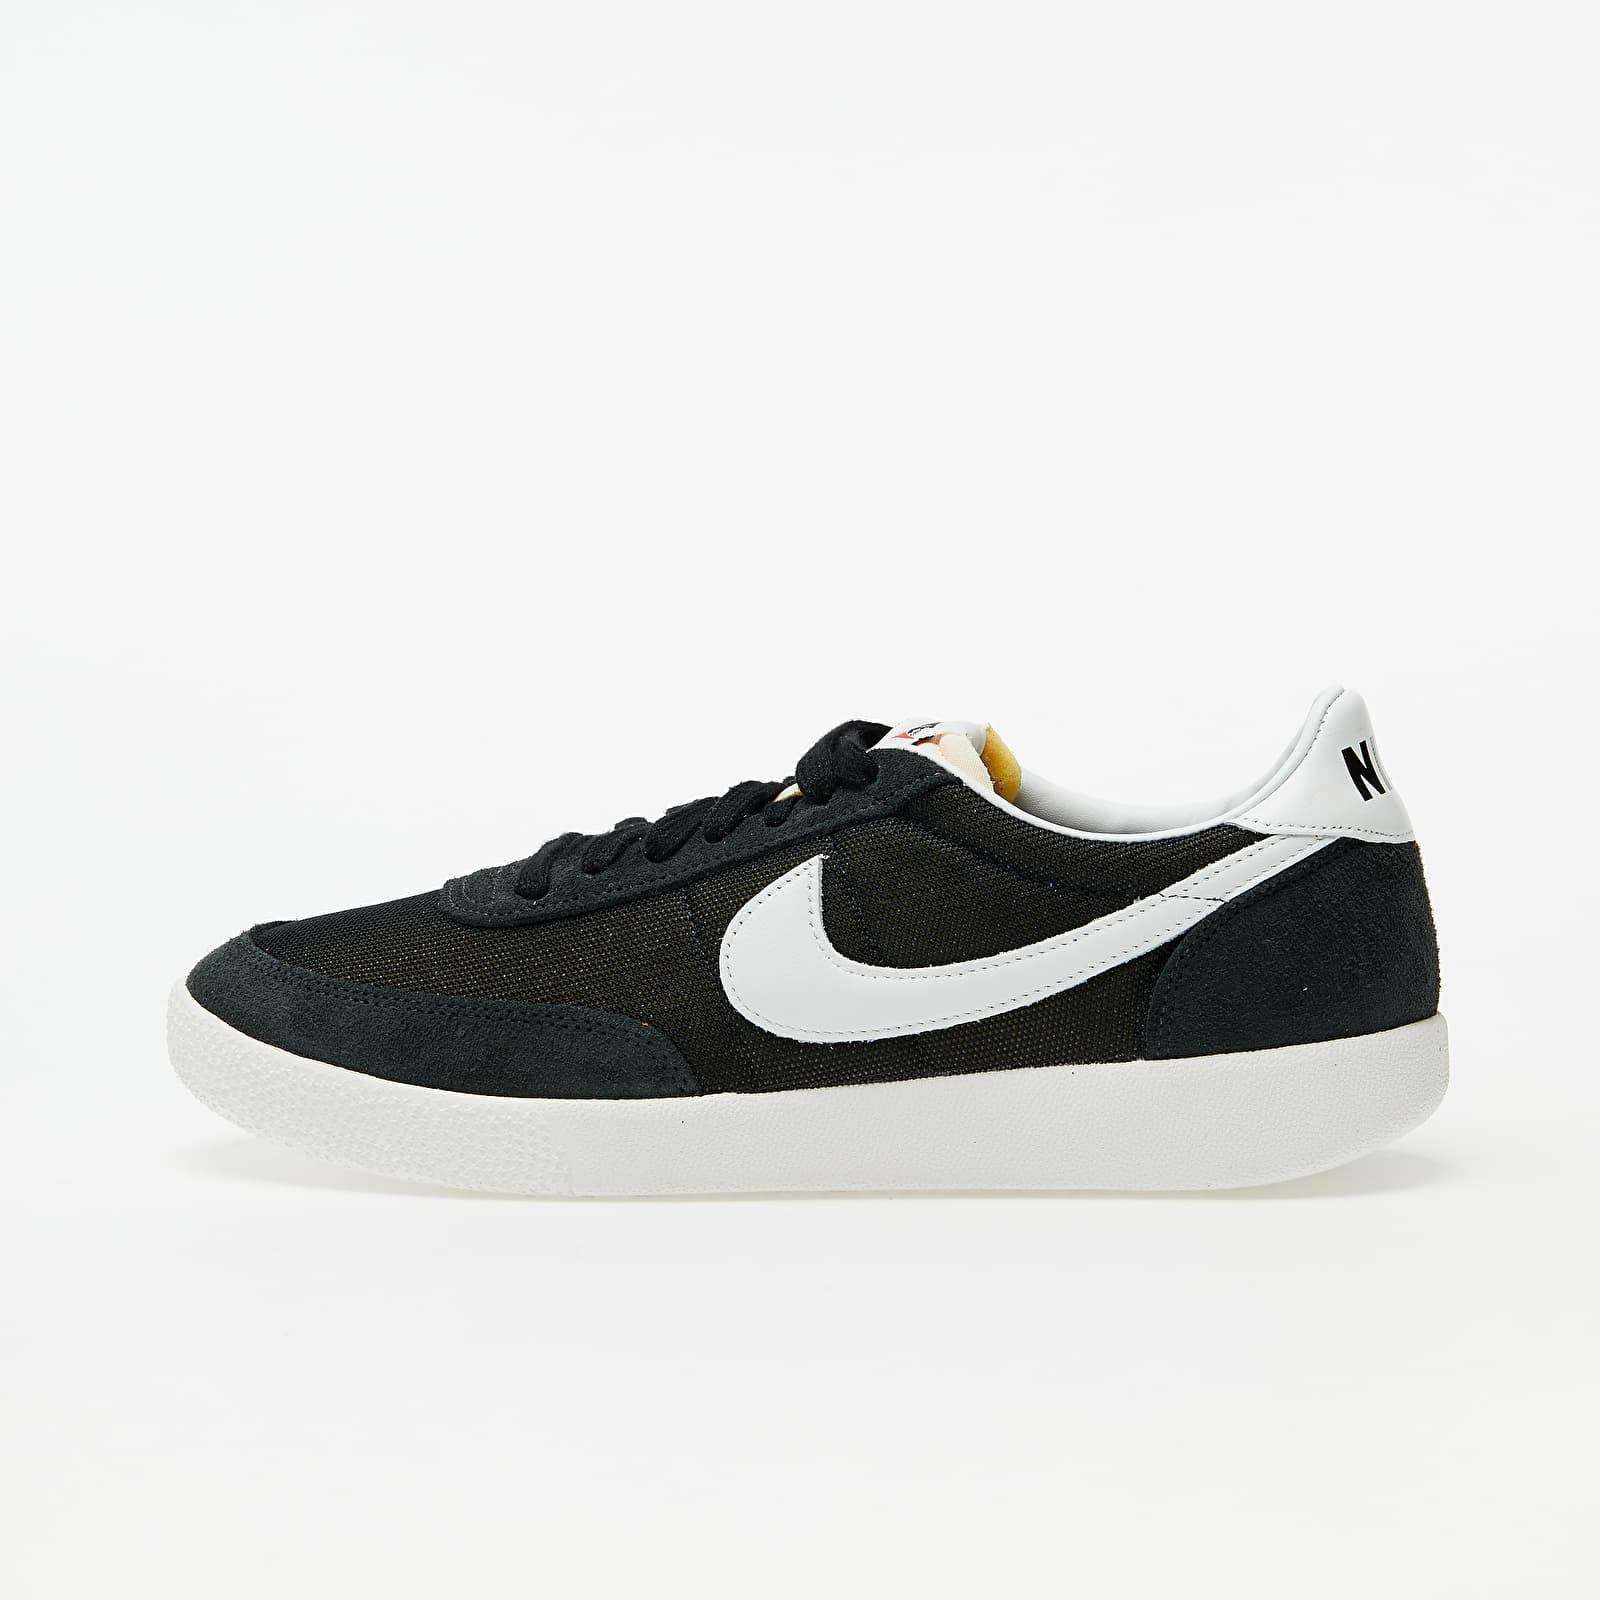 Nike Killshot SP Black/ White-Off Noir DC1982-001